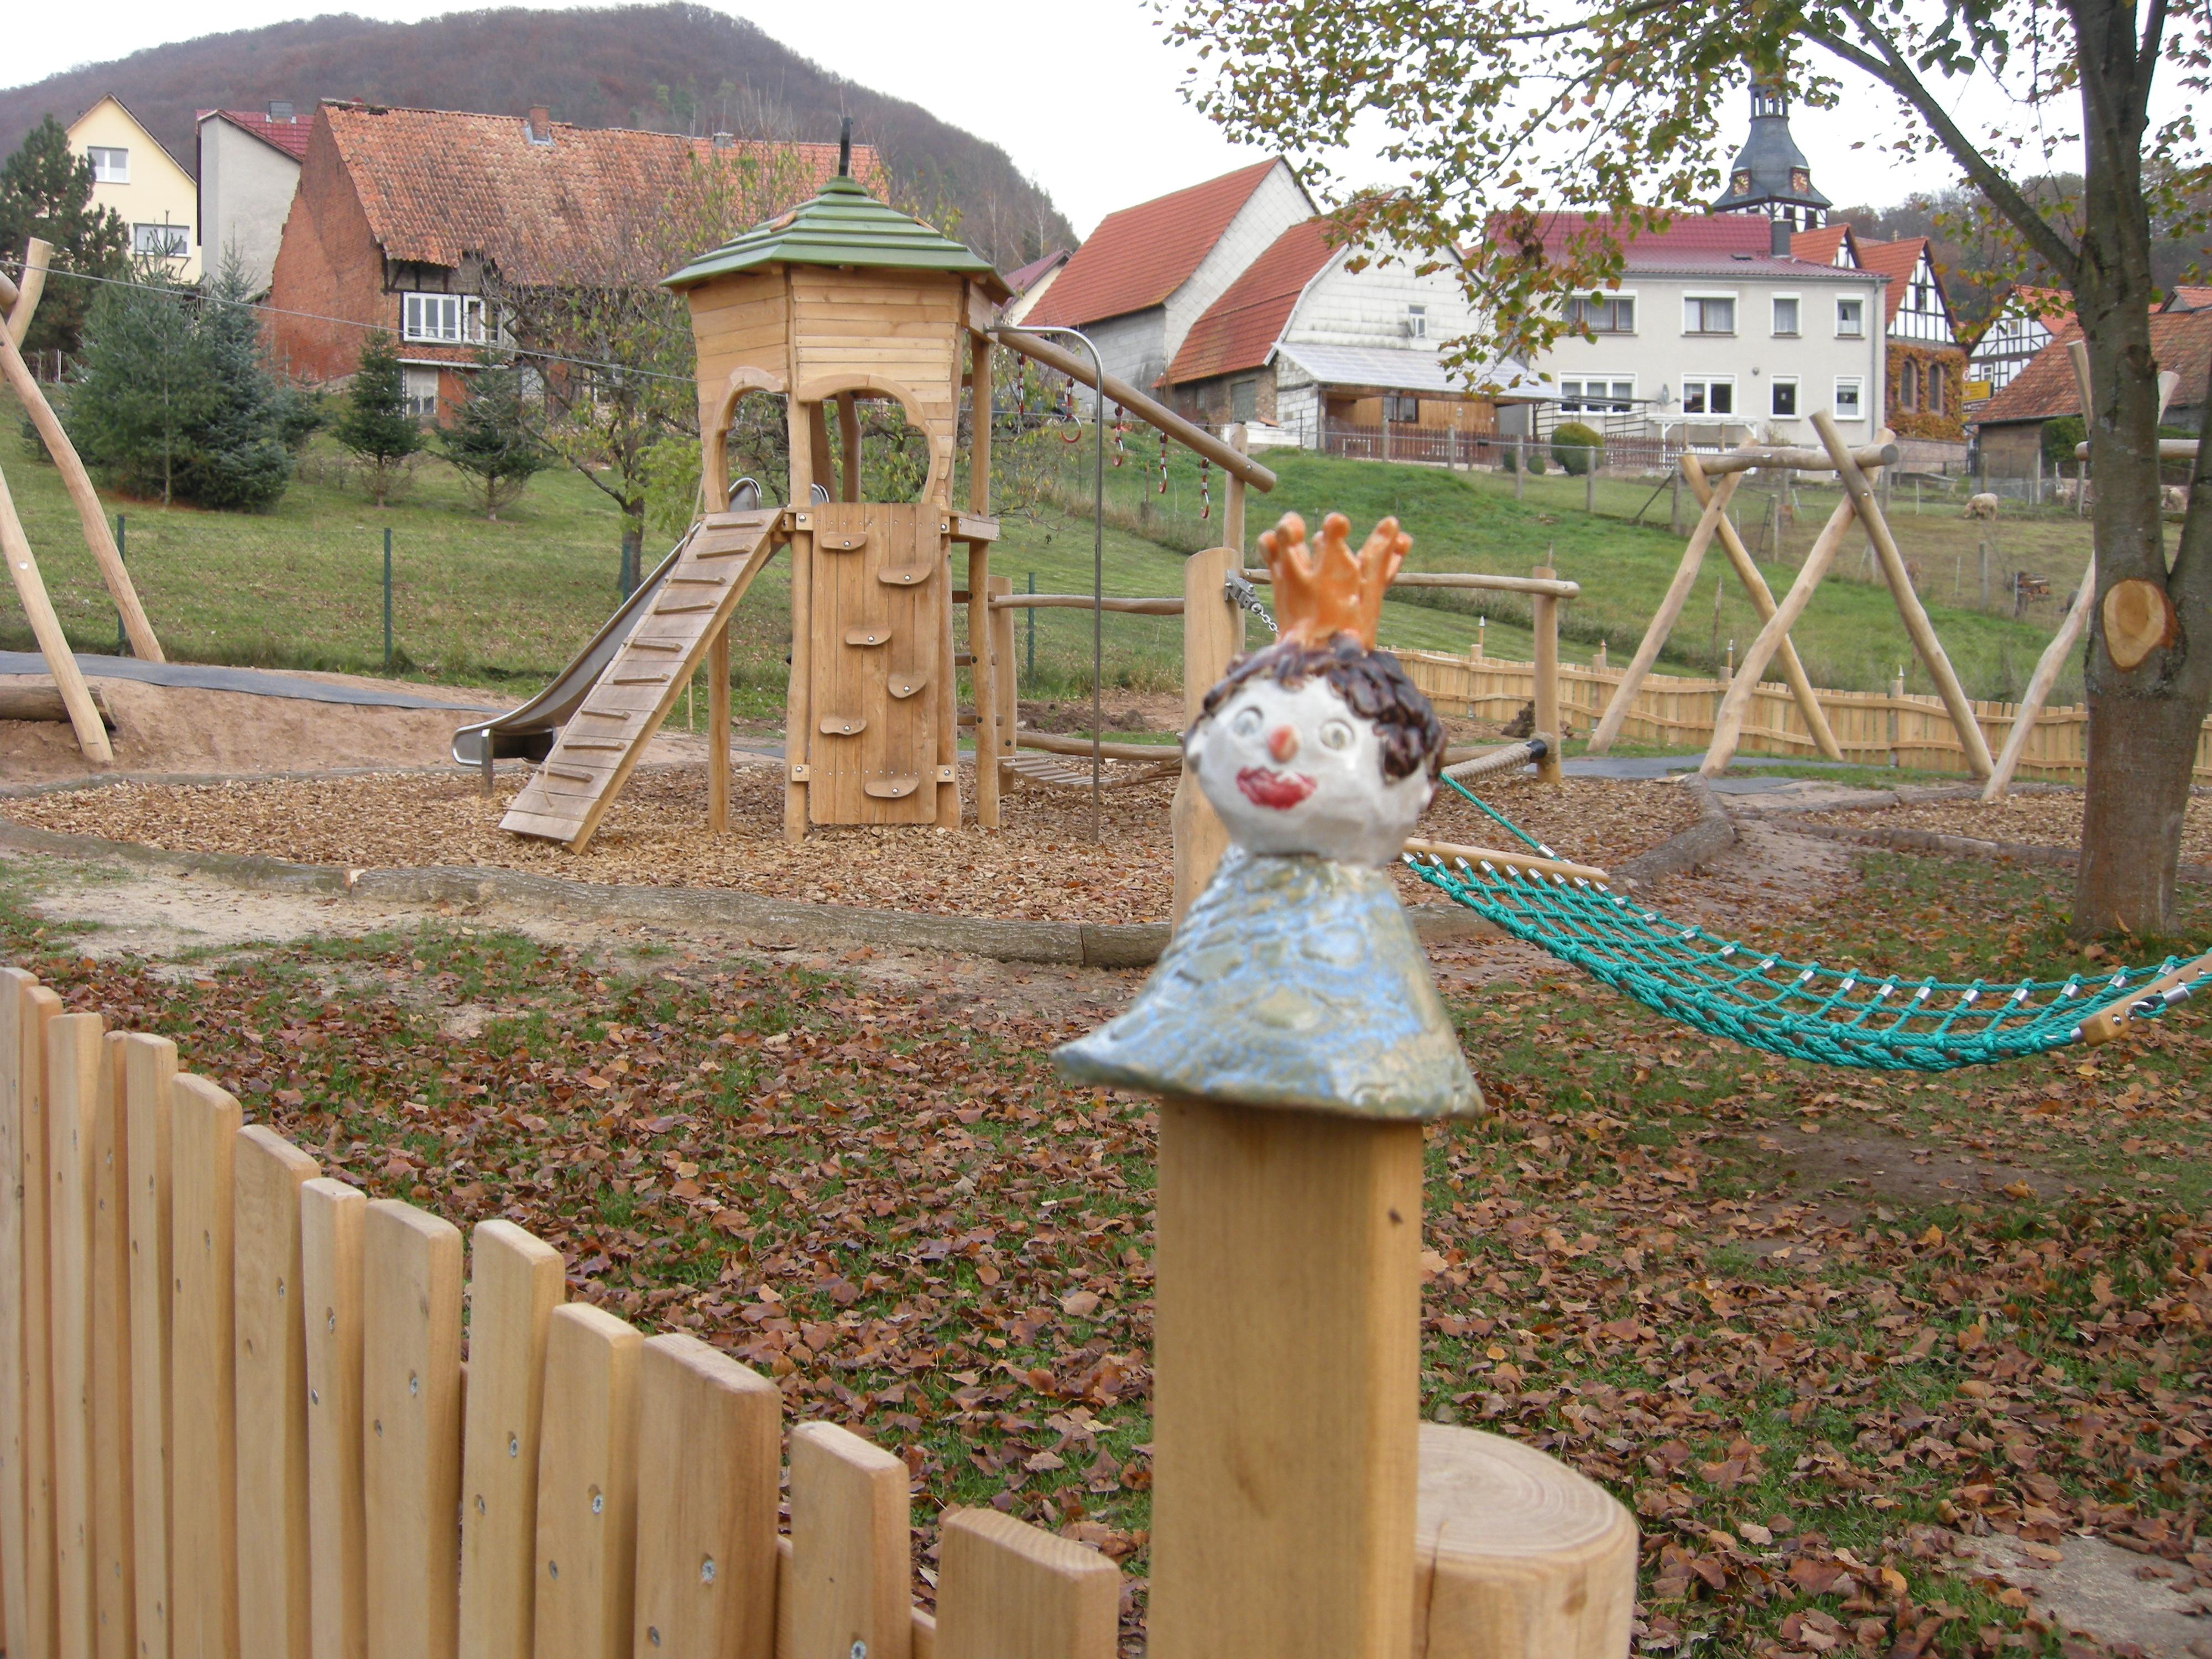 Mackenroder Märchenspielplatz, Zaunhocker, Quelle: RAG Eichsfeld